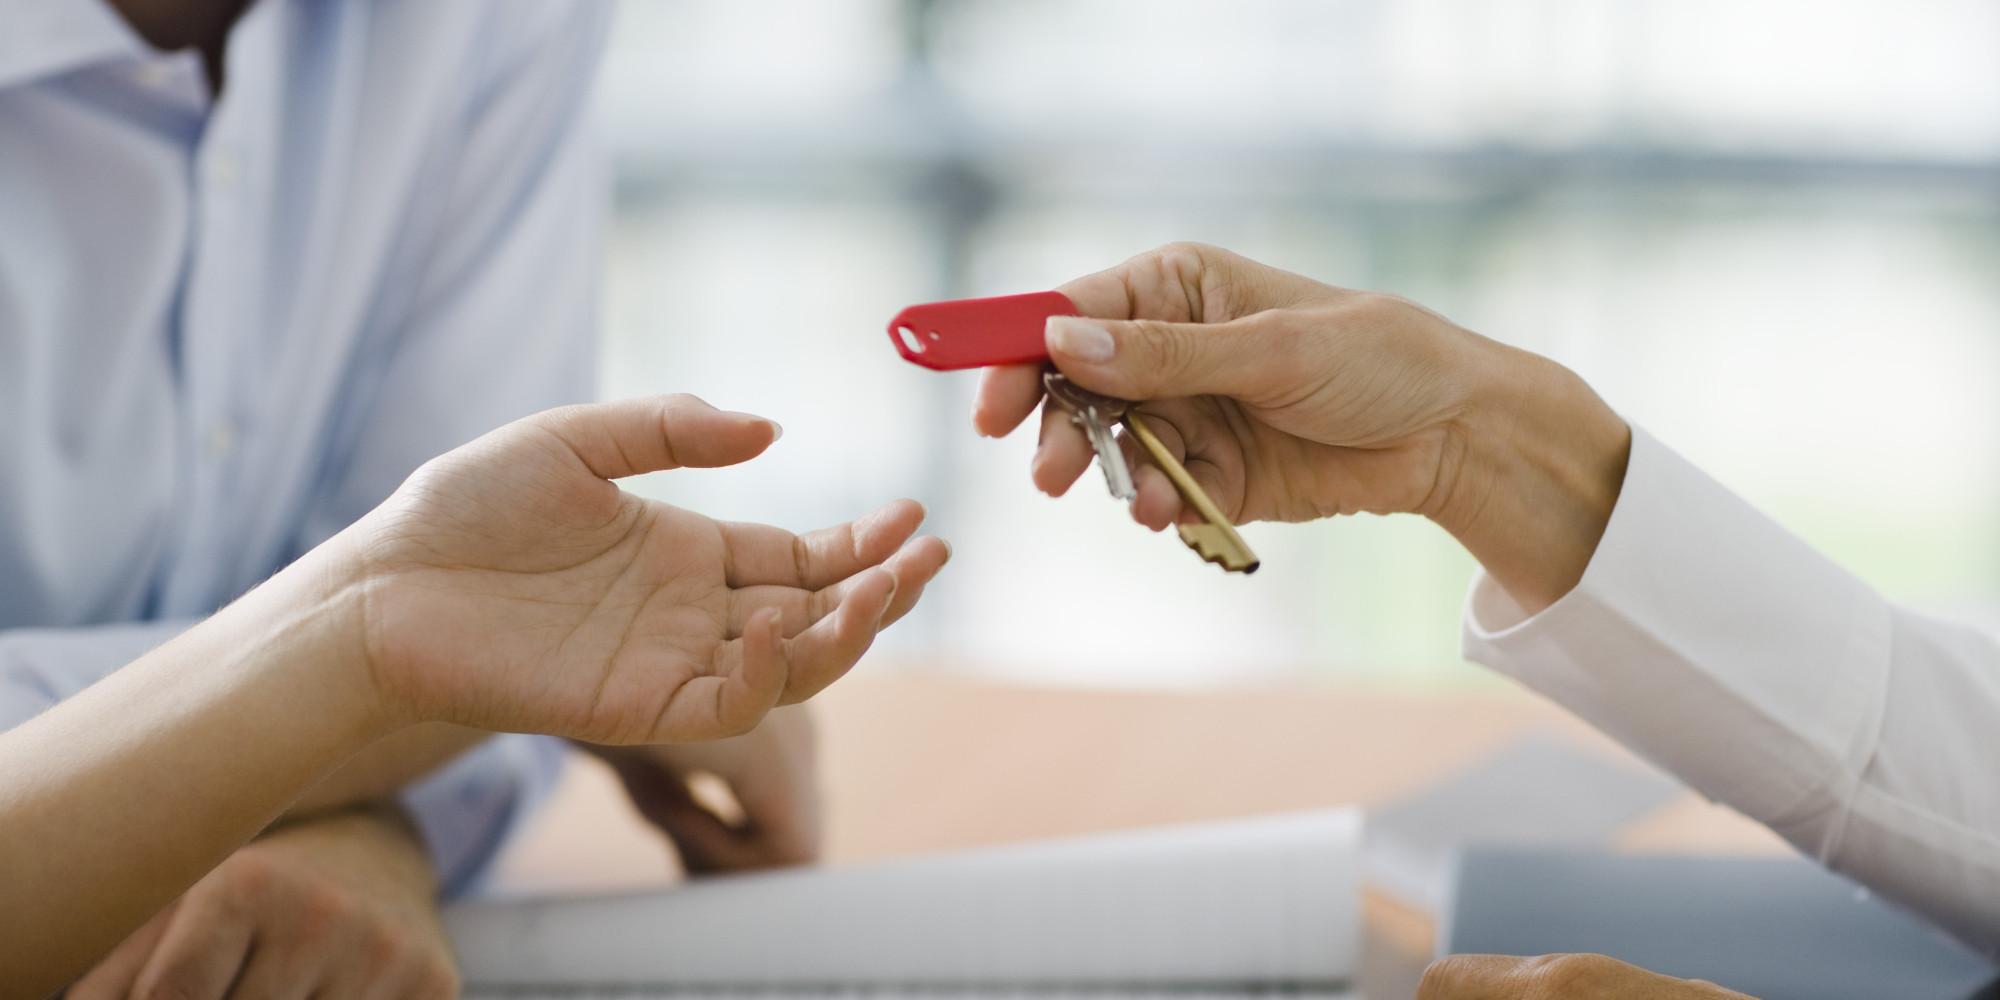 Аликанте недвижимость банковская услуга